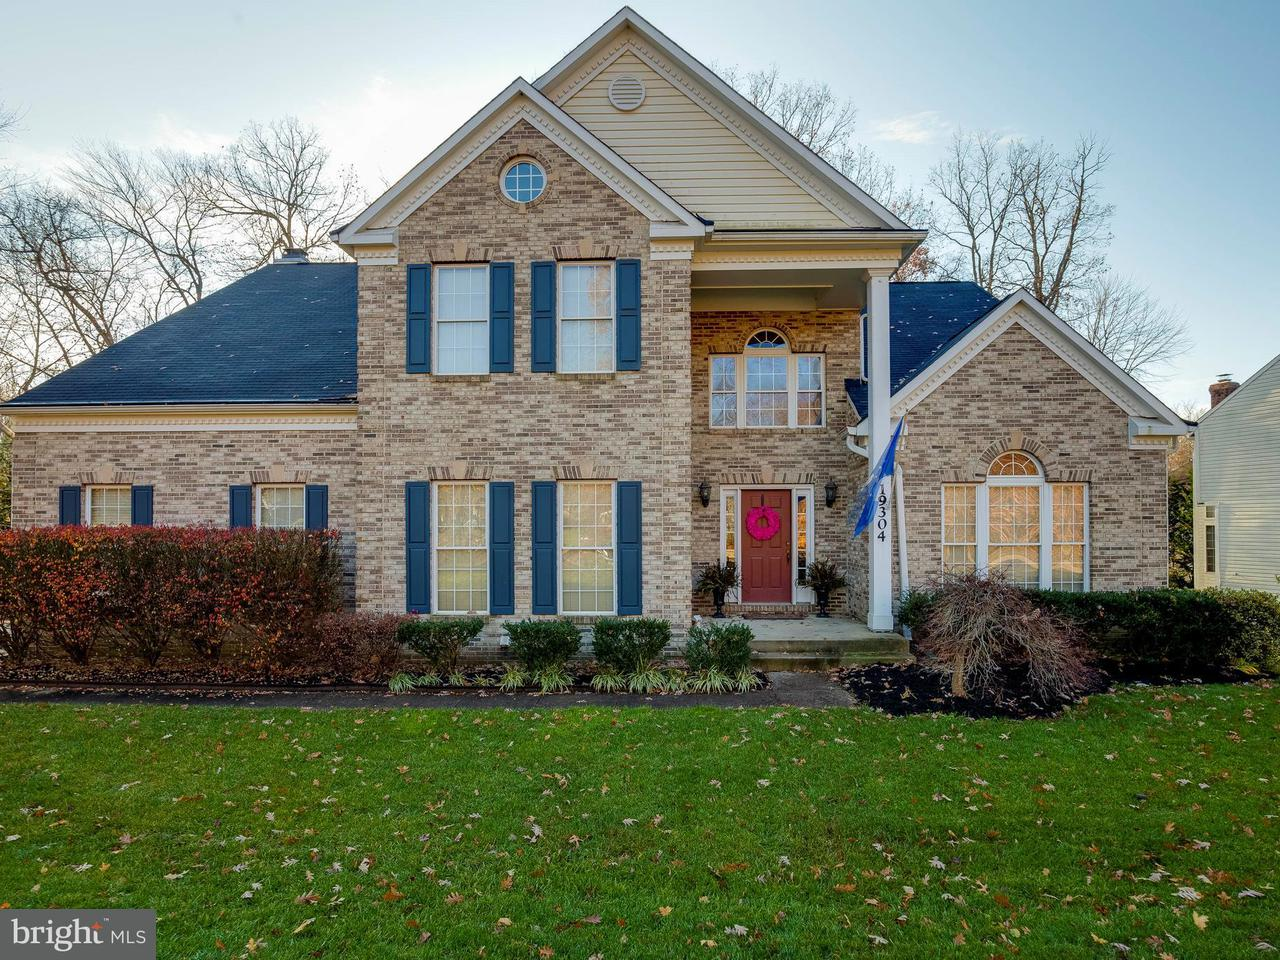 一戸建て のために 売買 アット 19304 Cissel Manor Drive 19304 Cissel Manor Drive Poolesville, メリーランド 20837 アメリカ合衆国